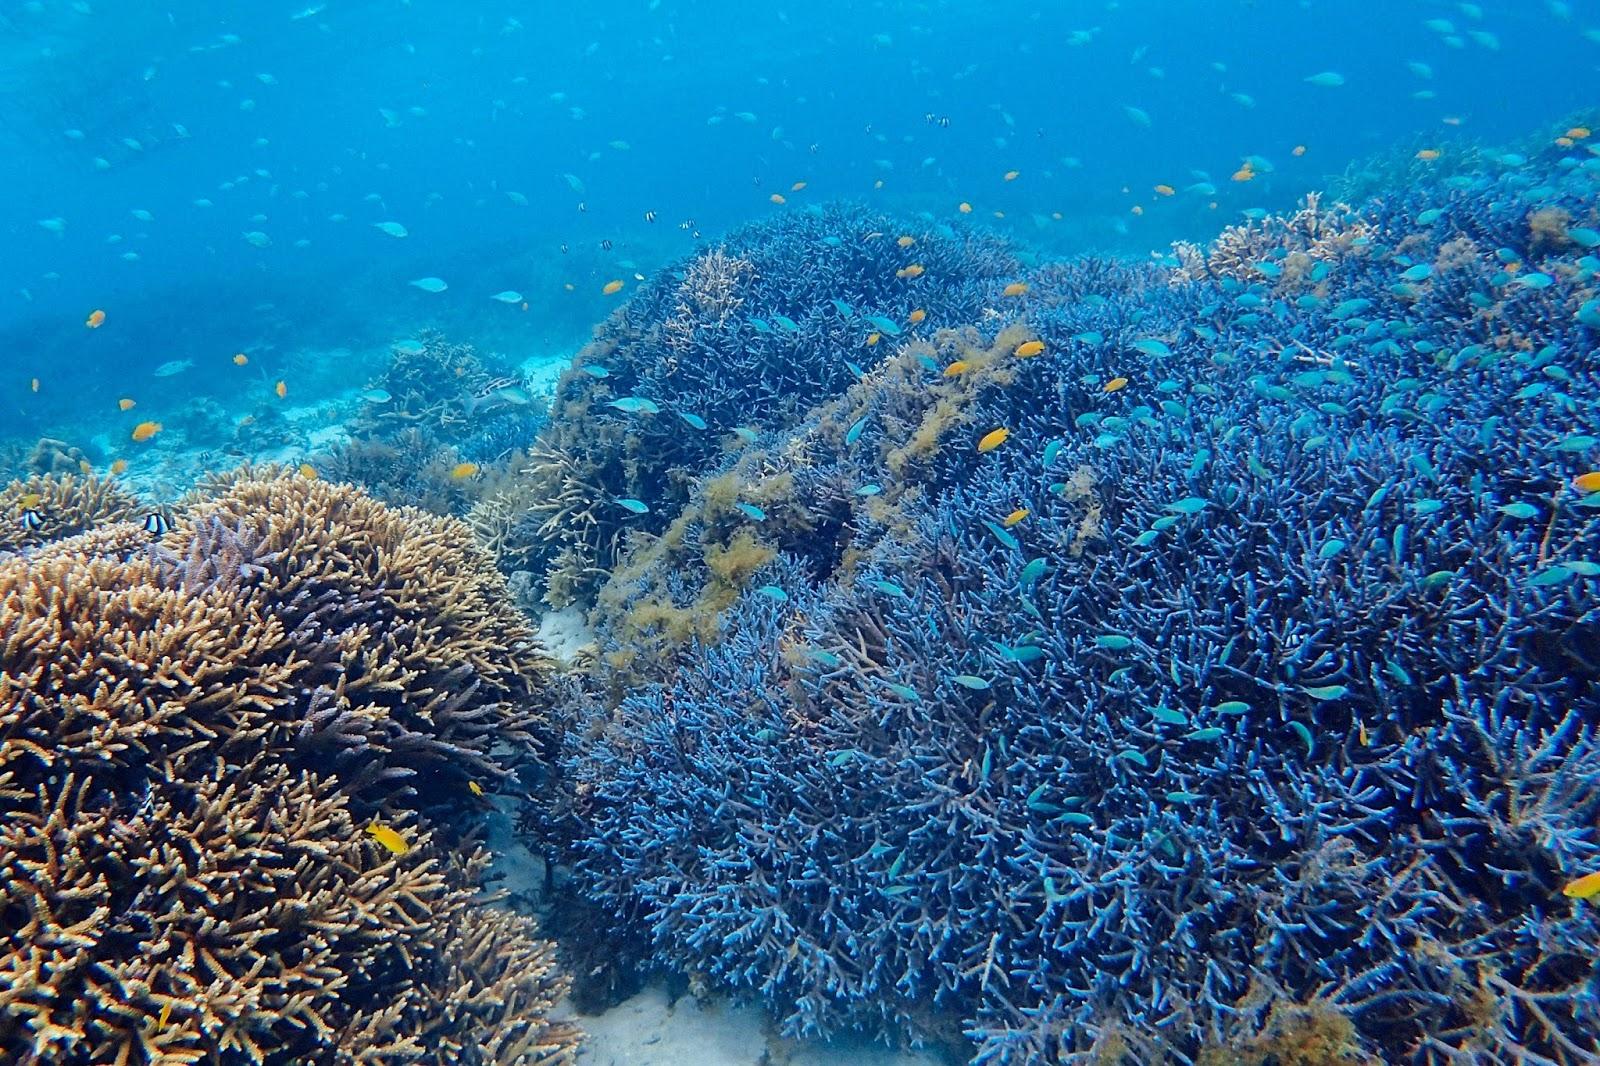 沖繩-潛水-浮潛-八重山群島-推薦-Okinawa-scuba-diving-snorkeling